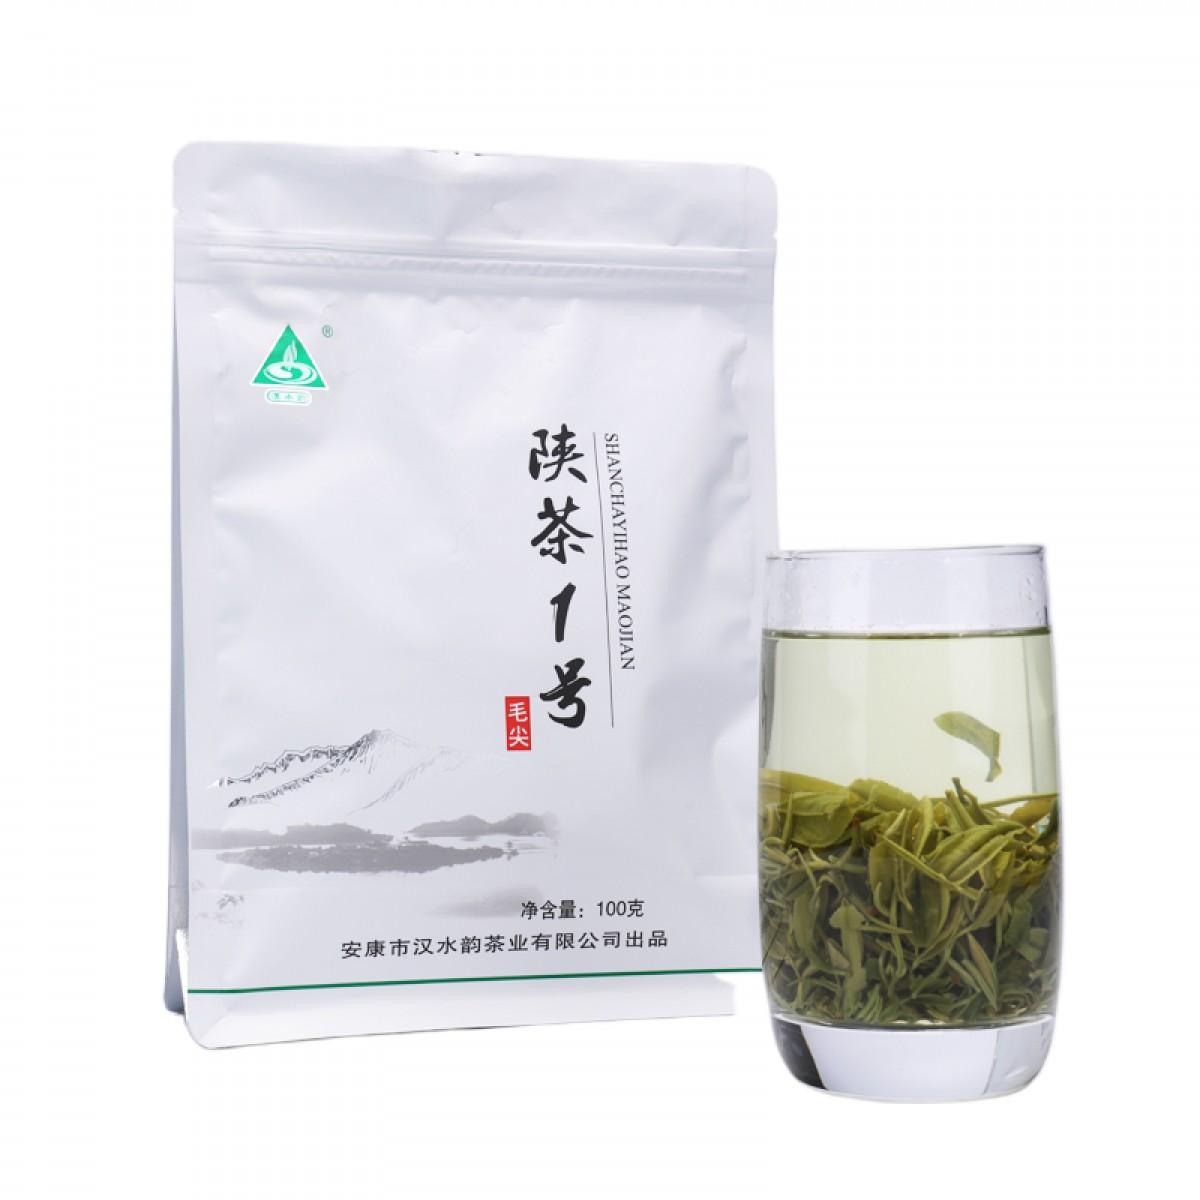 陕茶一号毛尖 安康富硒茶汉水韵绿茶100g